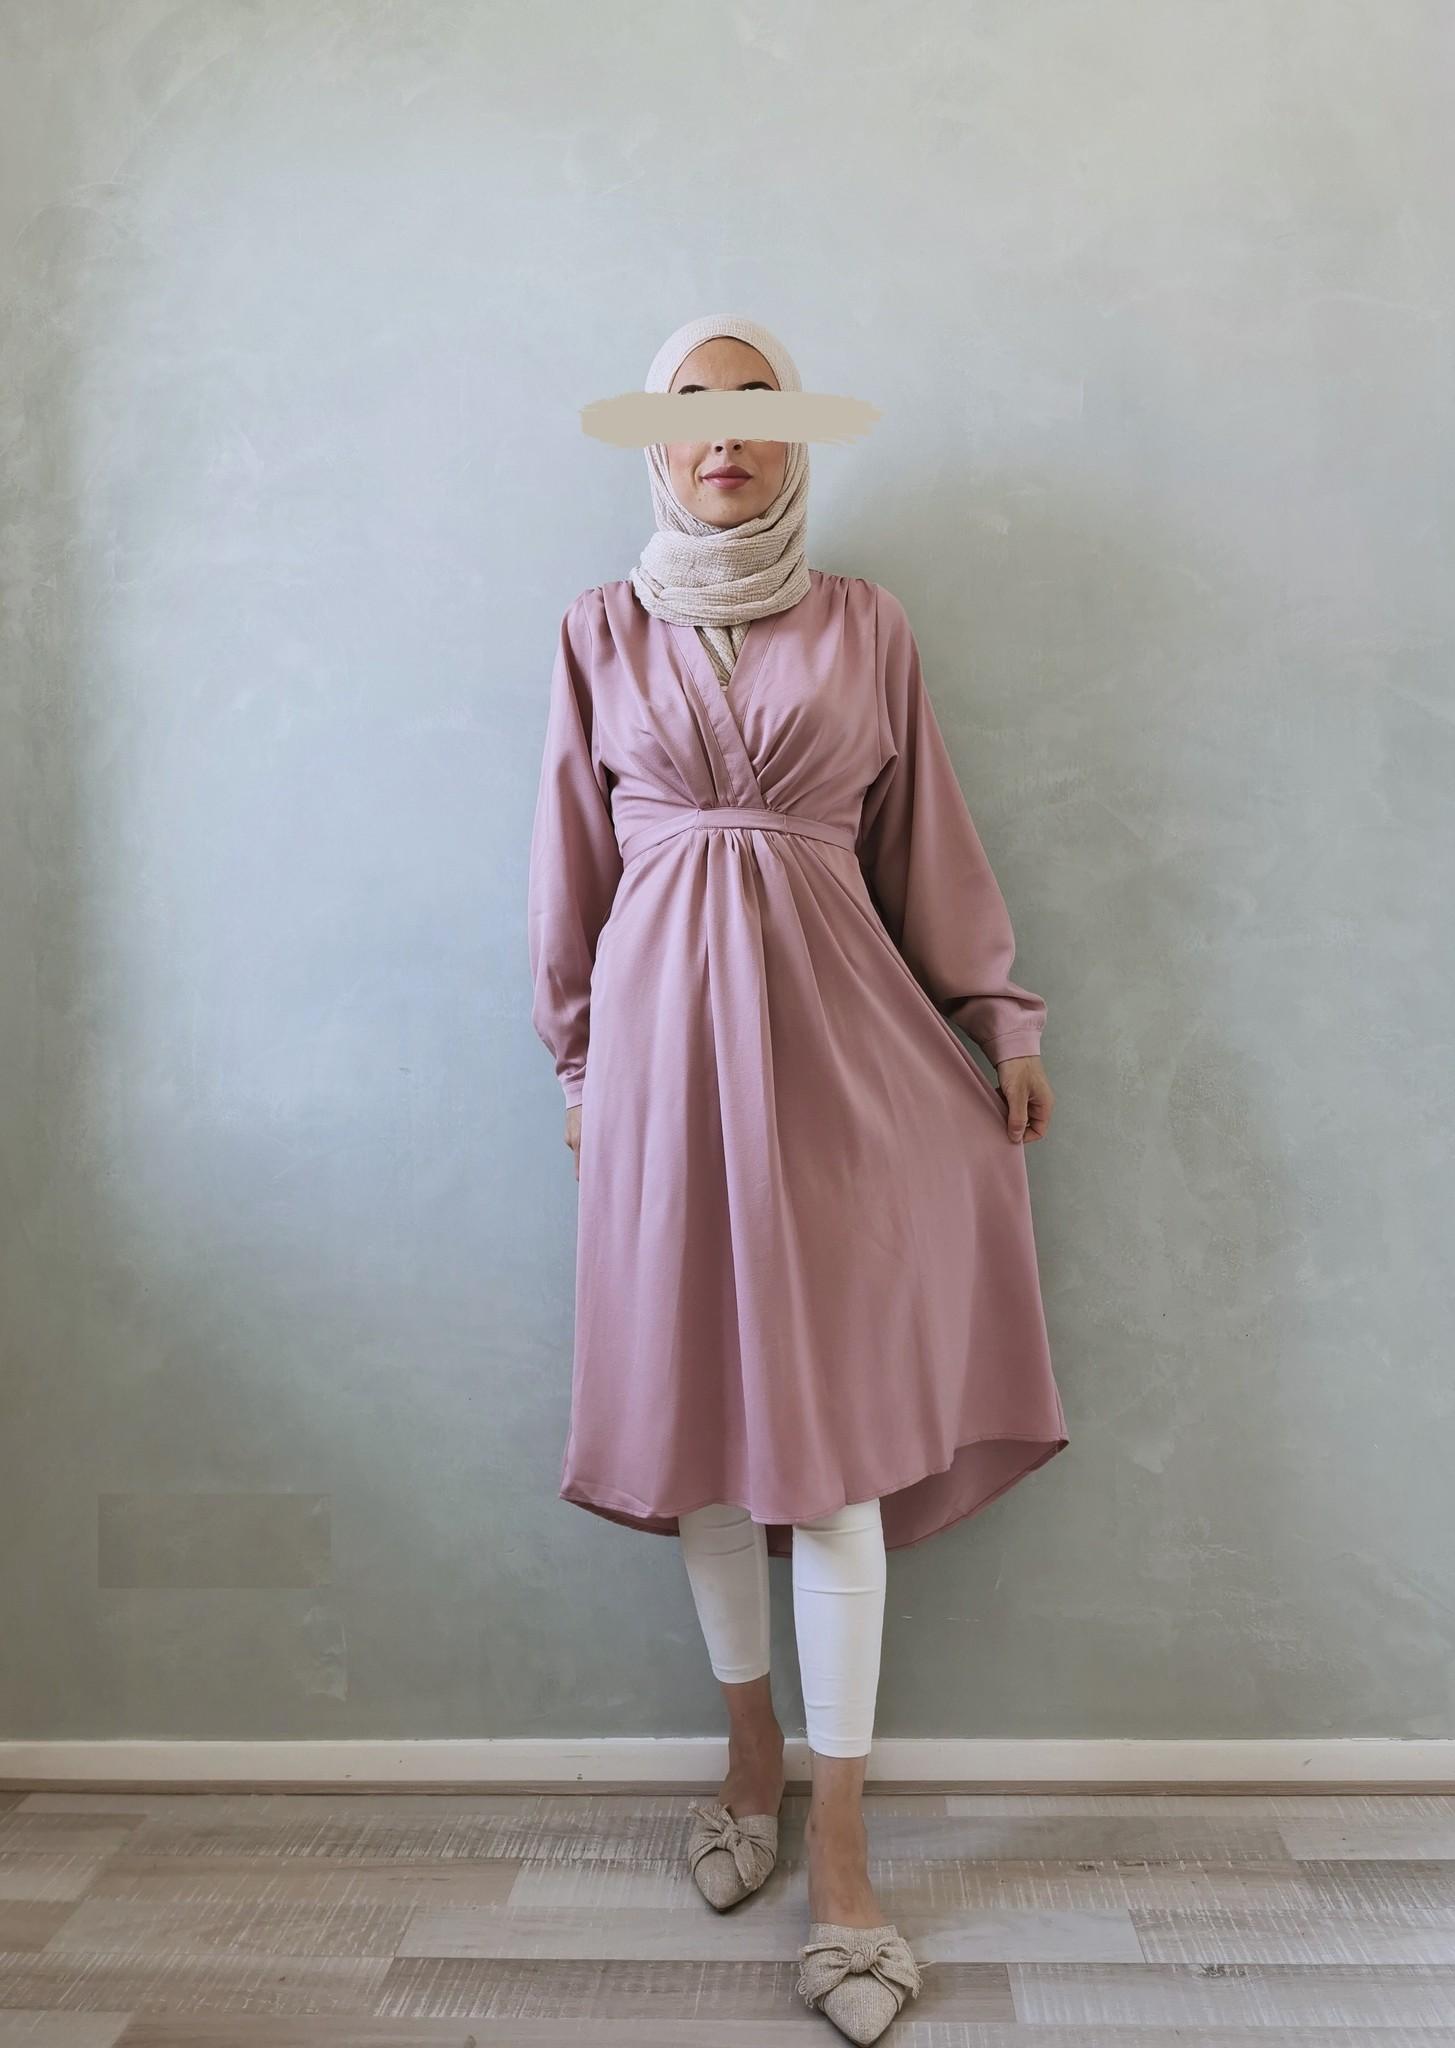 dressje fubine pink